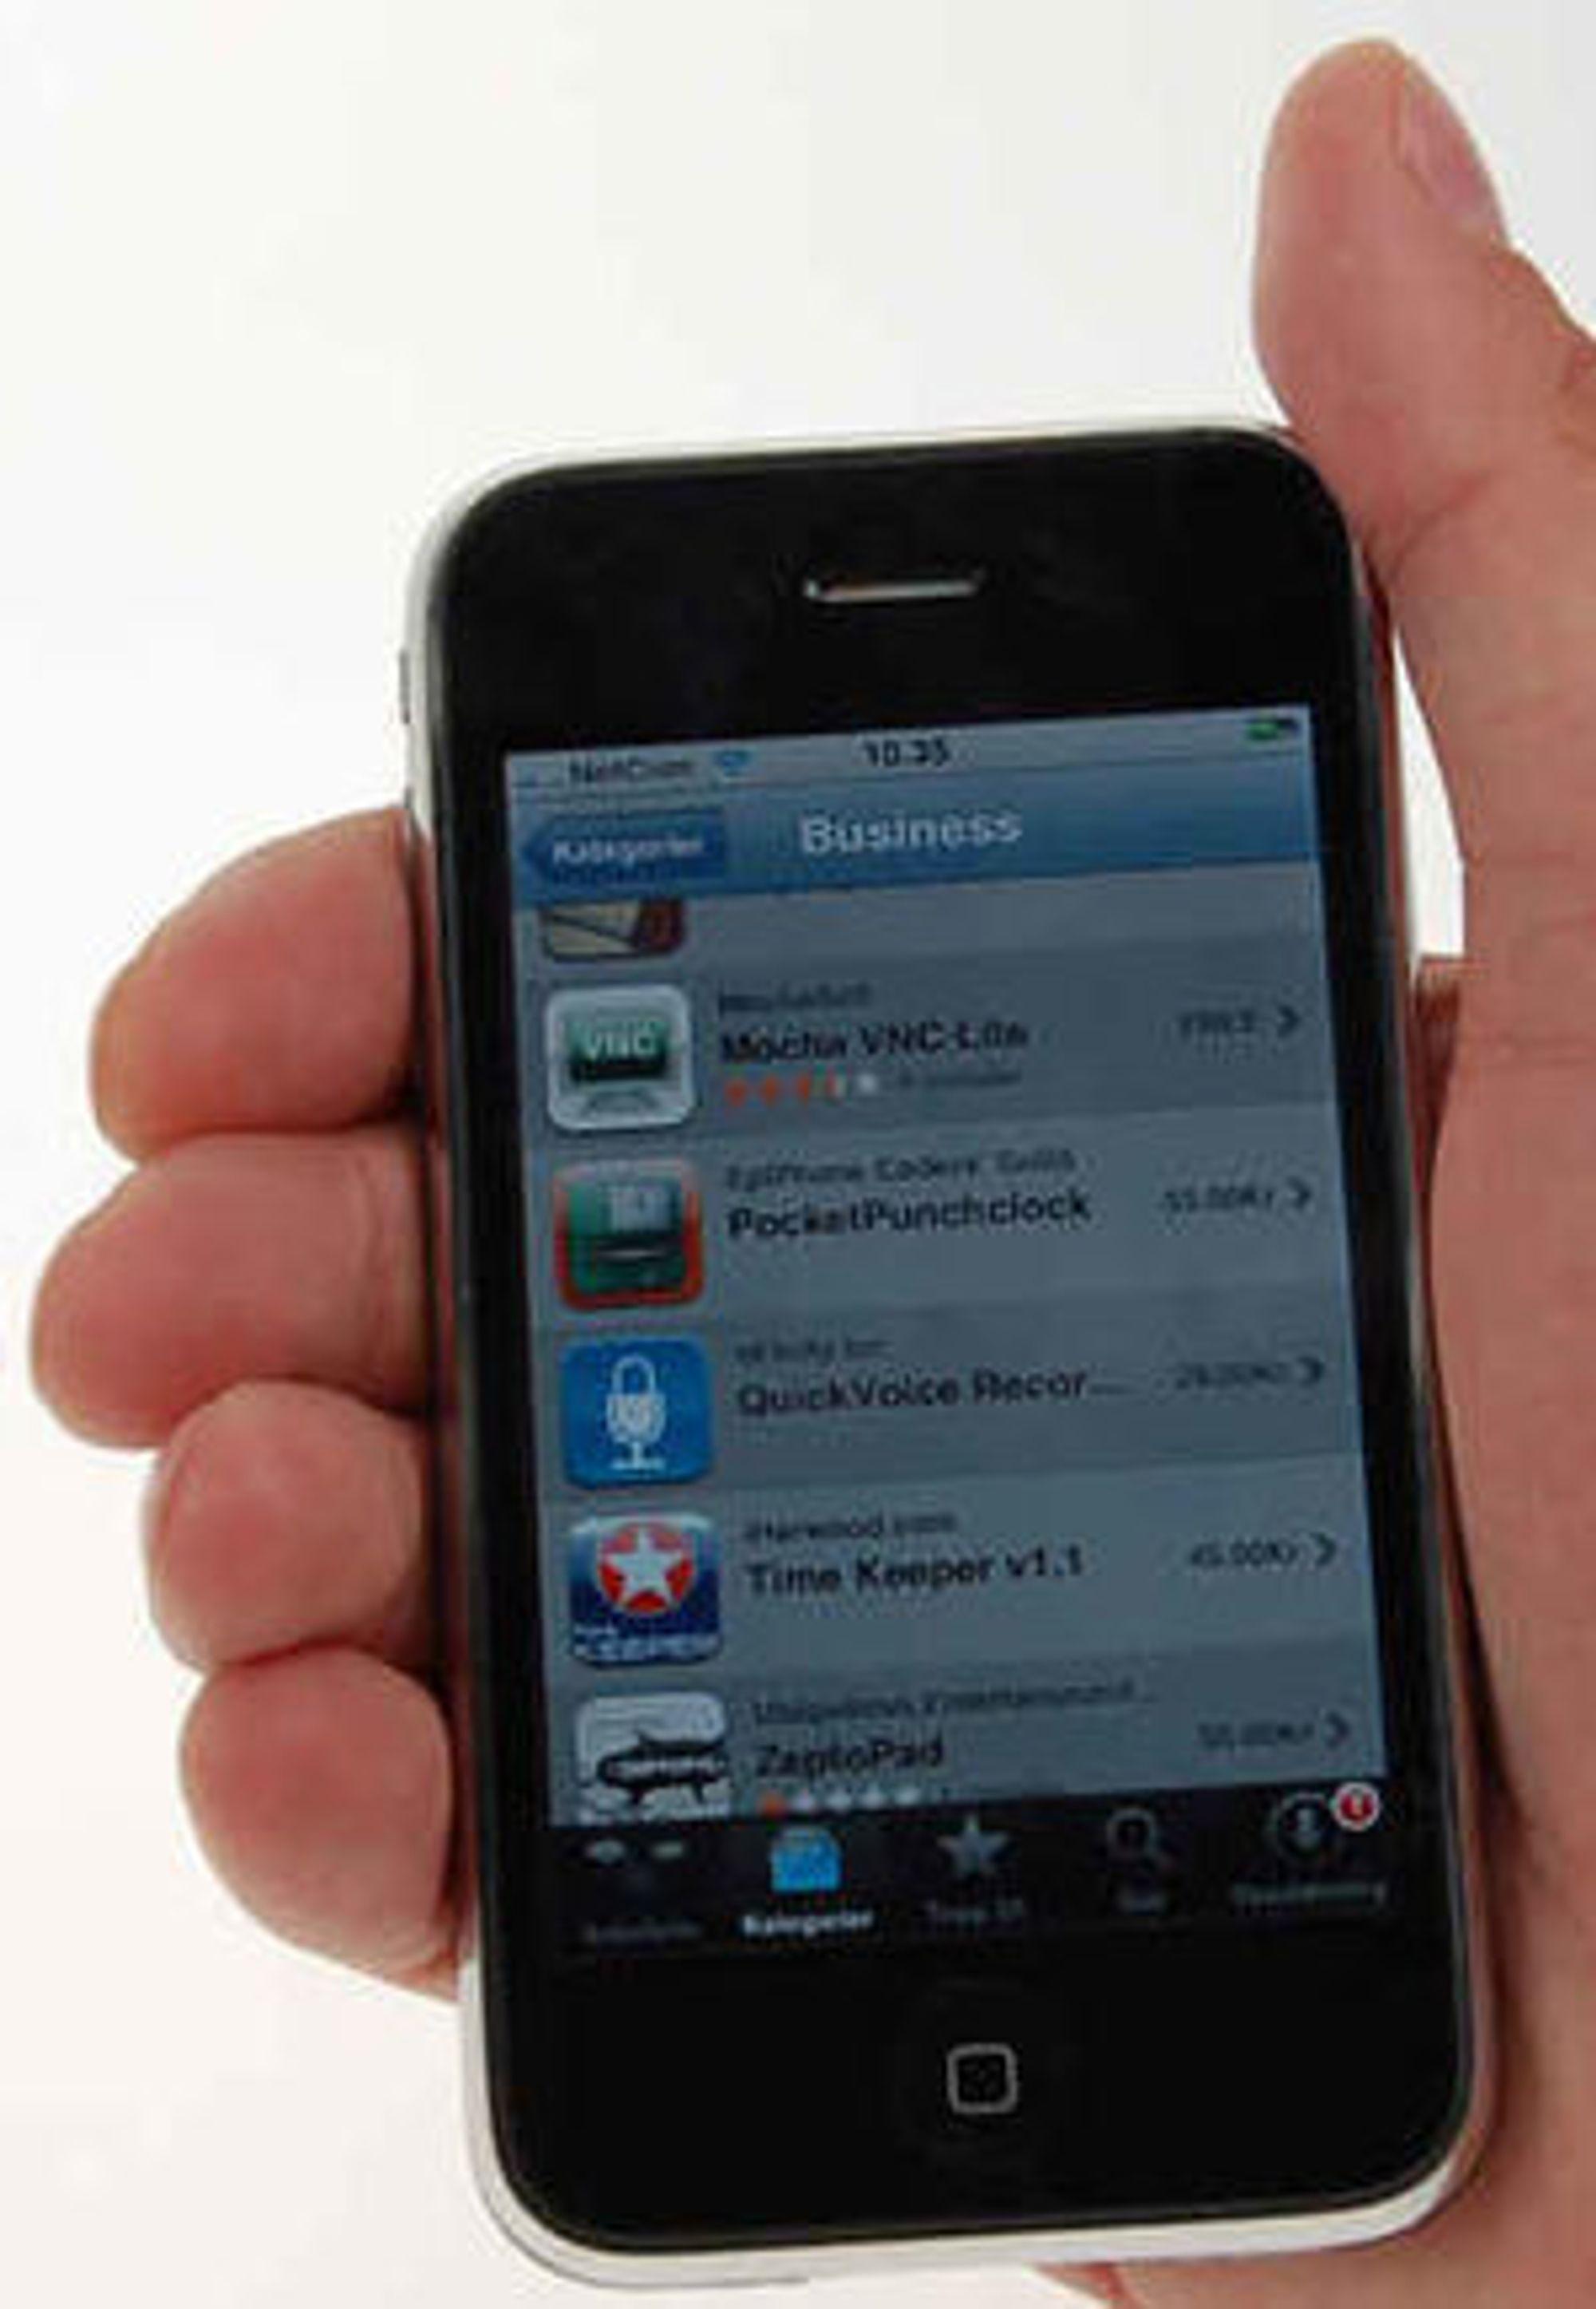 Utvalget listes opp i kategorier - som eksempelvis «business», og brukerne kan anmelde de ulke programmene med tekst og «terningkast». Apple bestemmer selv hvilke programmer som listes opp under seksjonen for anbefalte programmer.